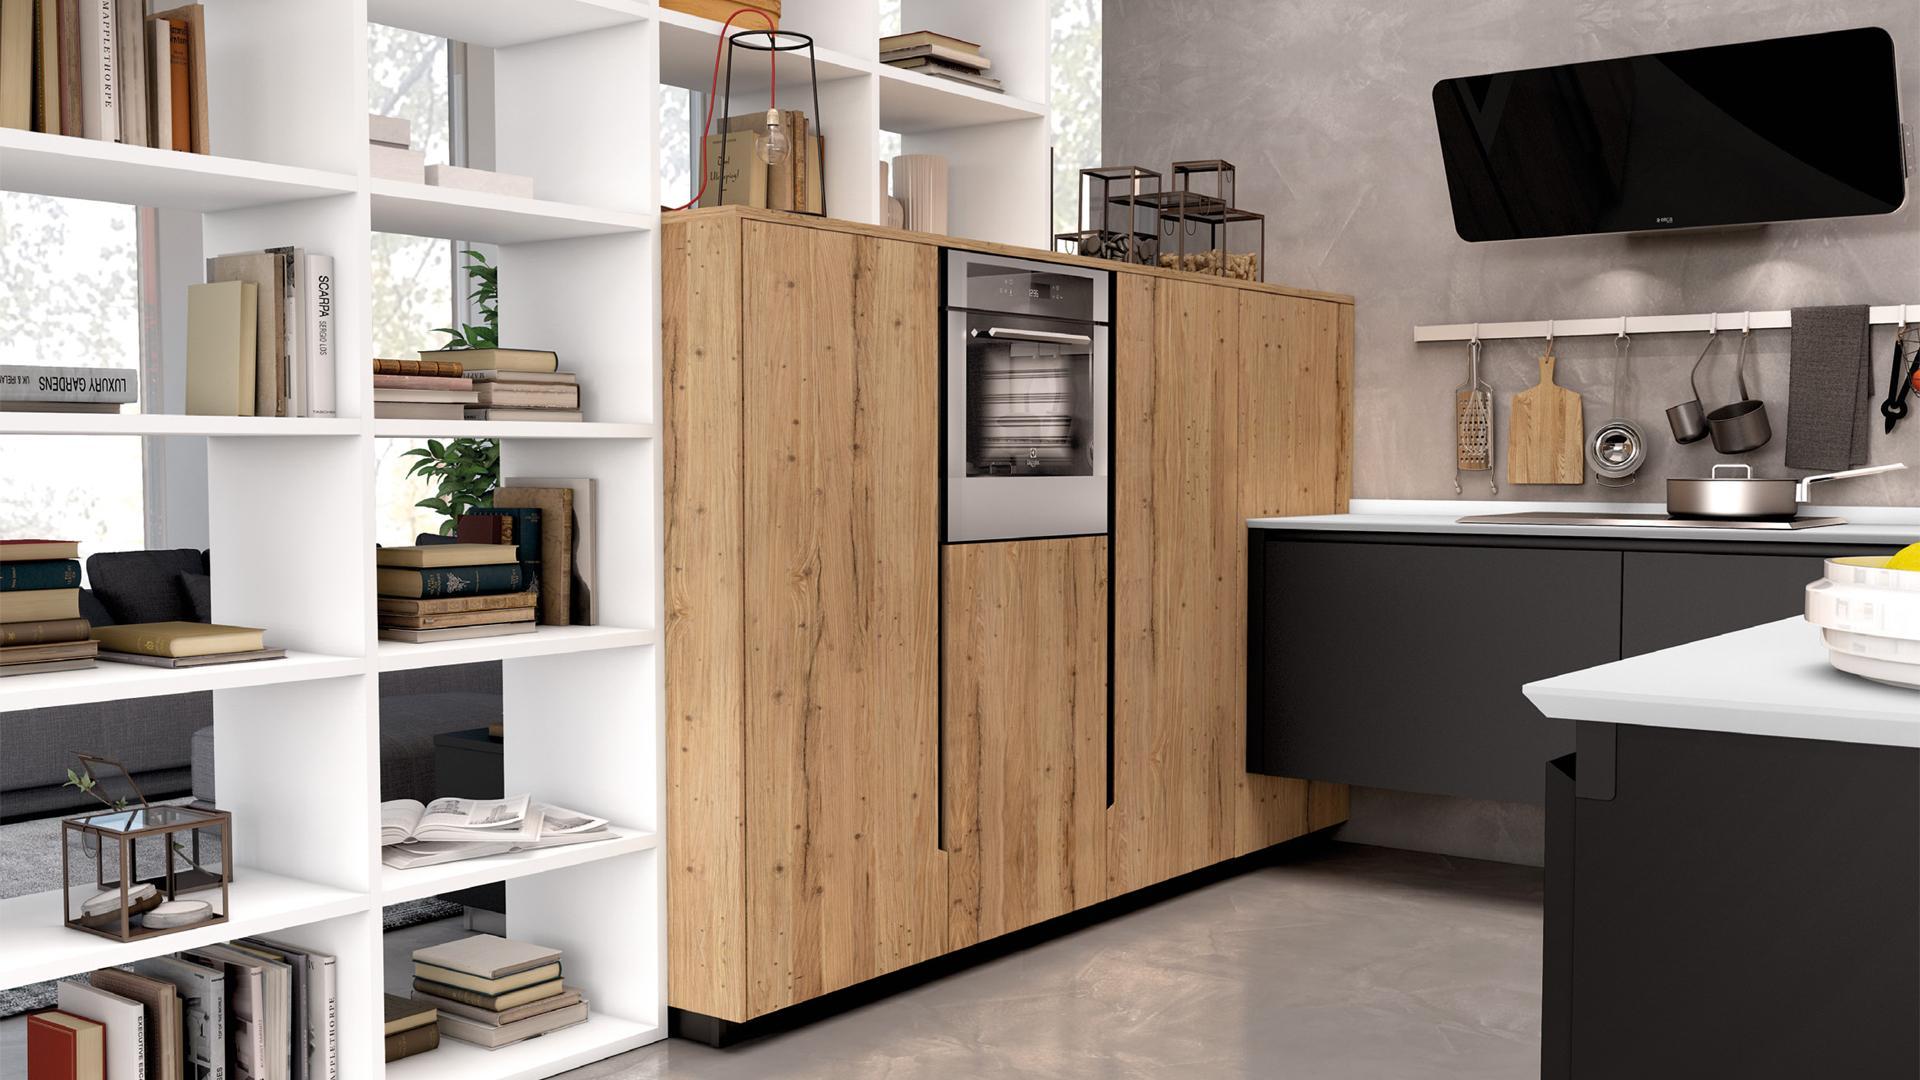 Differenza Tra Creo E Lube le nuove cucine moderne - lube store milano - le cucine lube